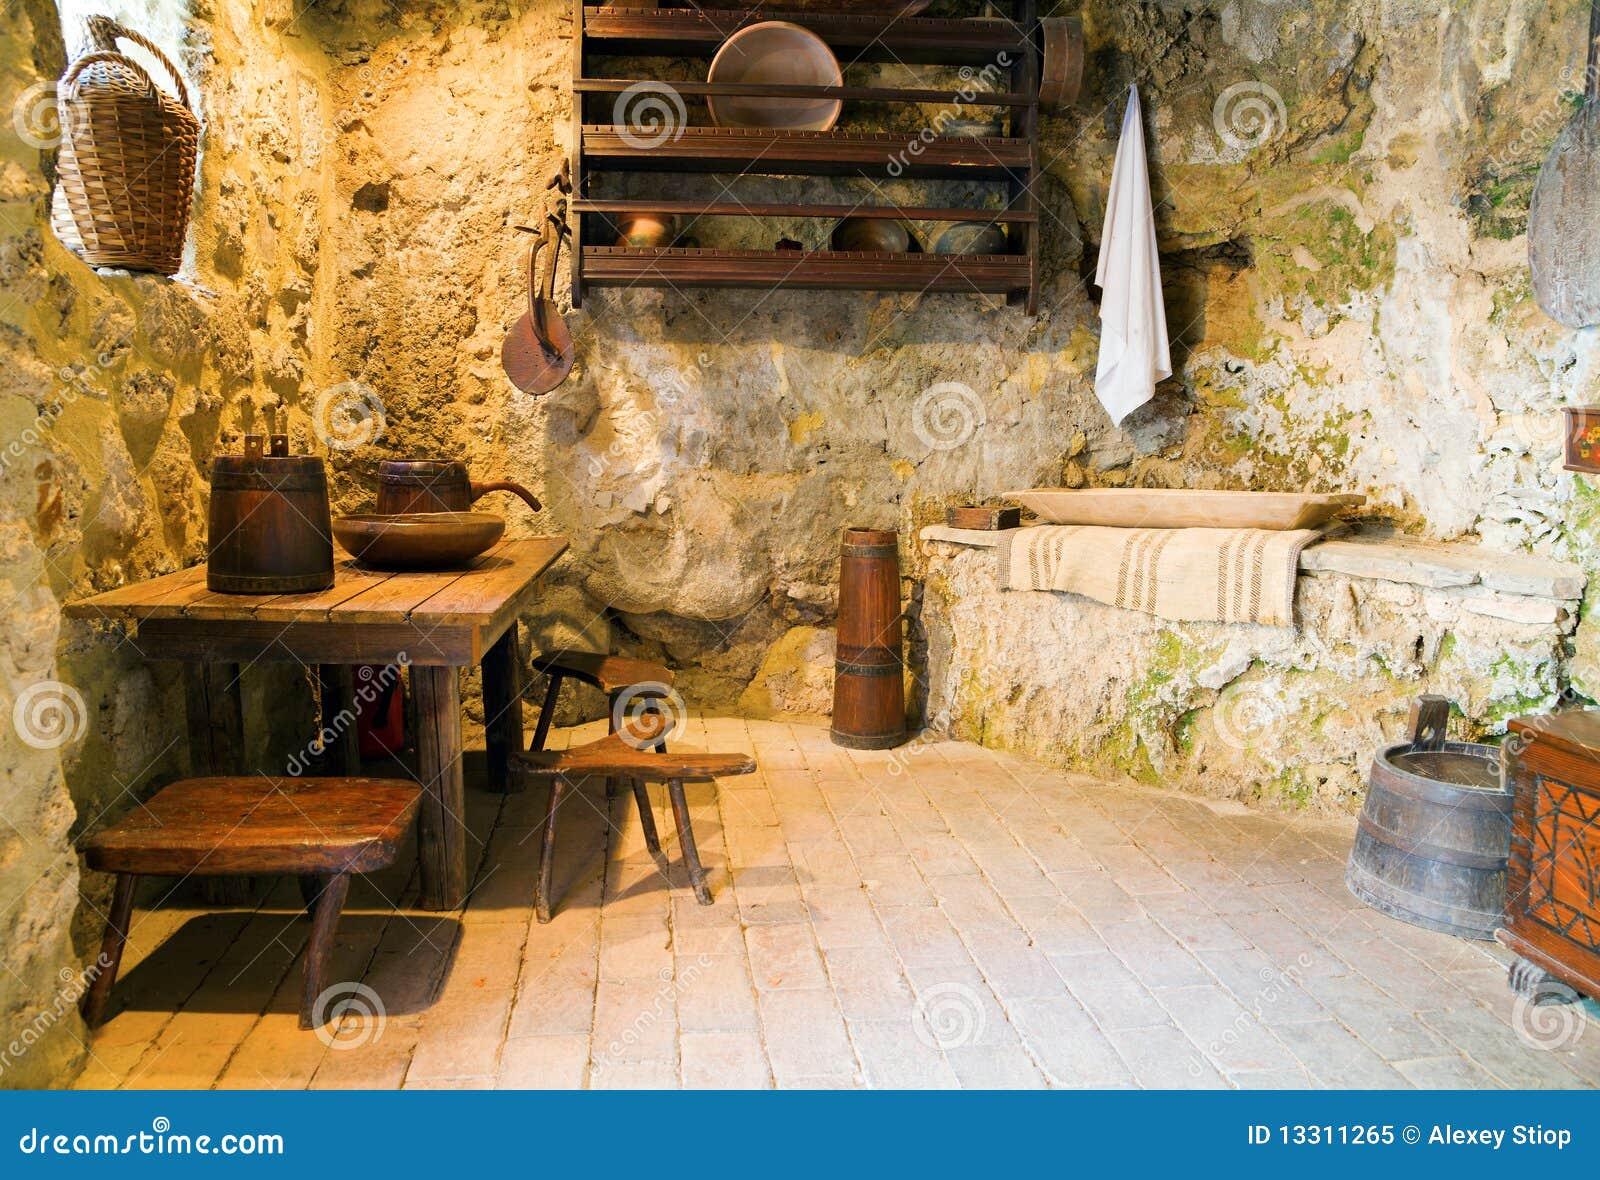 Nett Landküche Wandkunst Fotos - Küchenschrank Ideen - eastbound.info